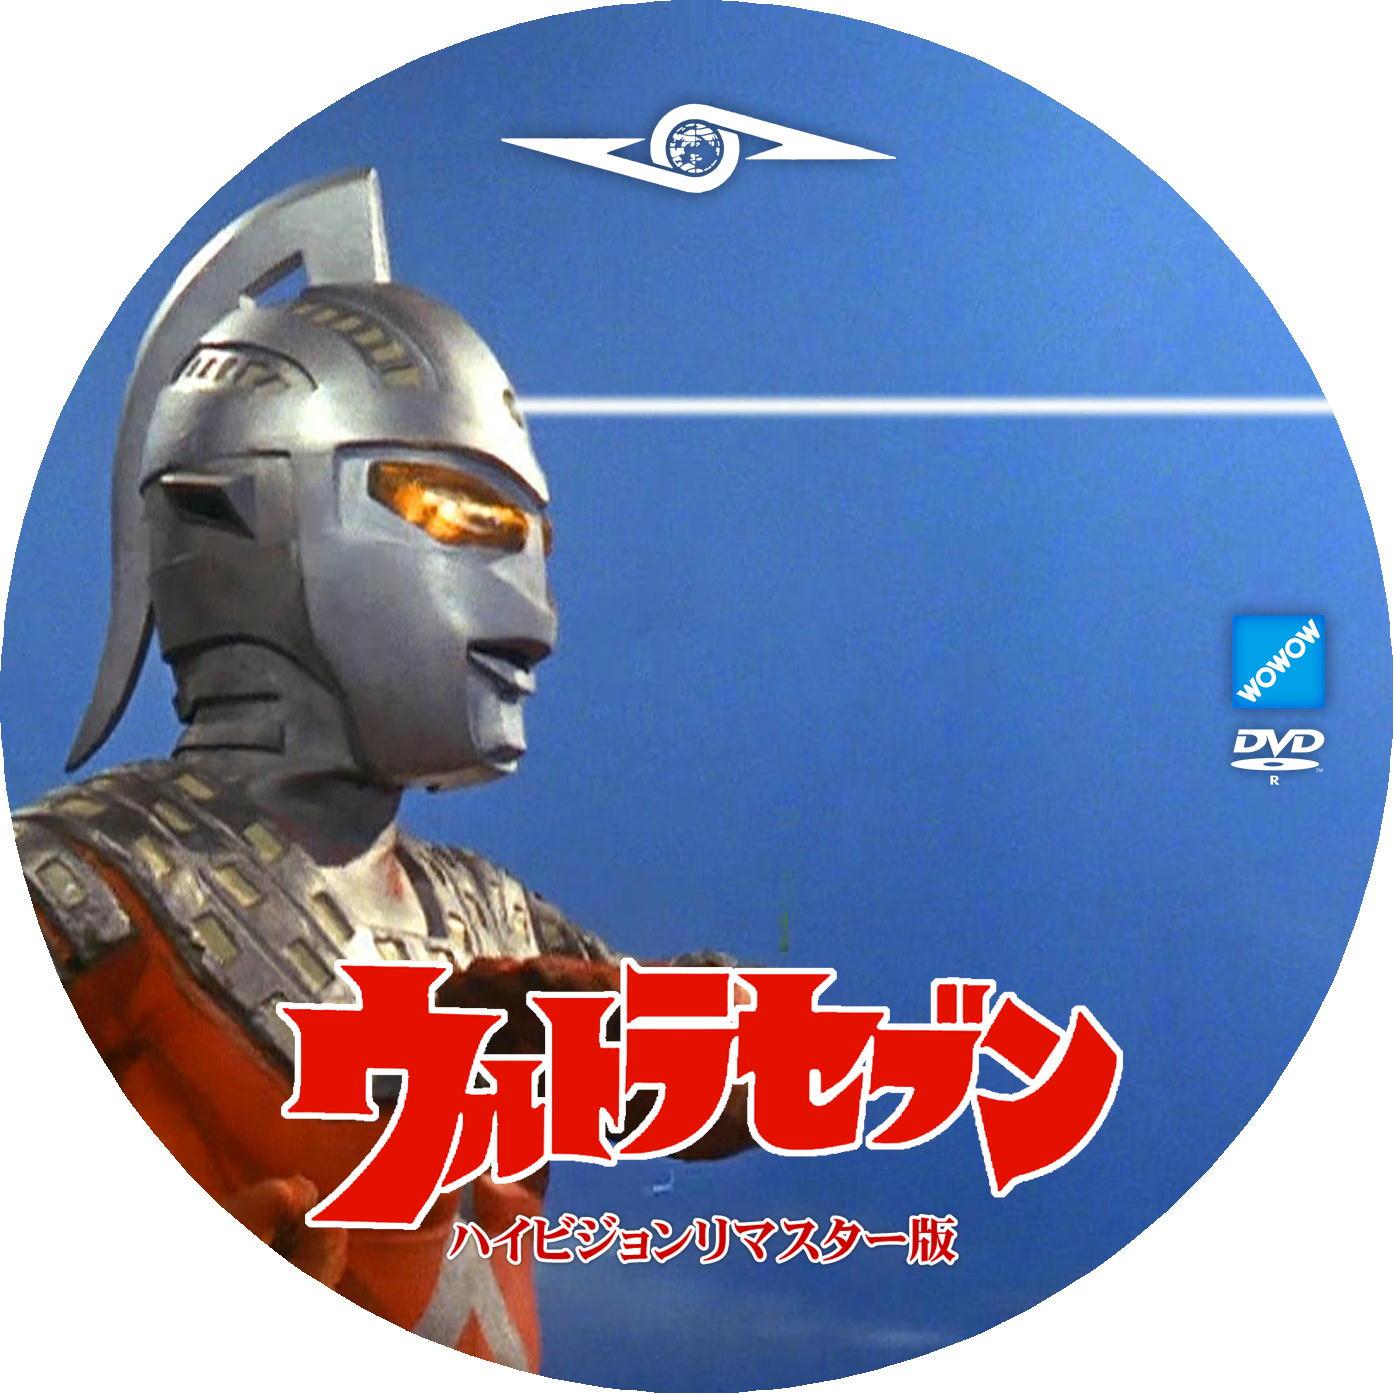 ウルトラセブン DVDラベル